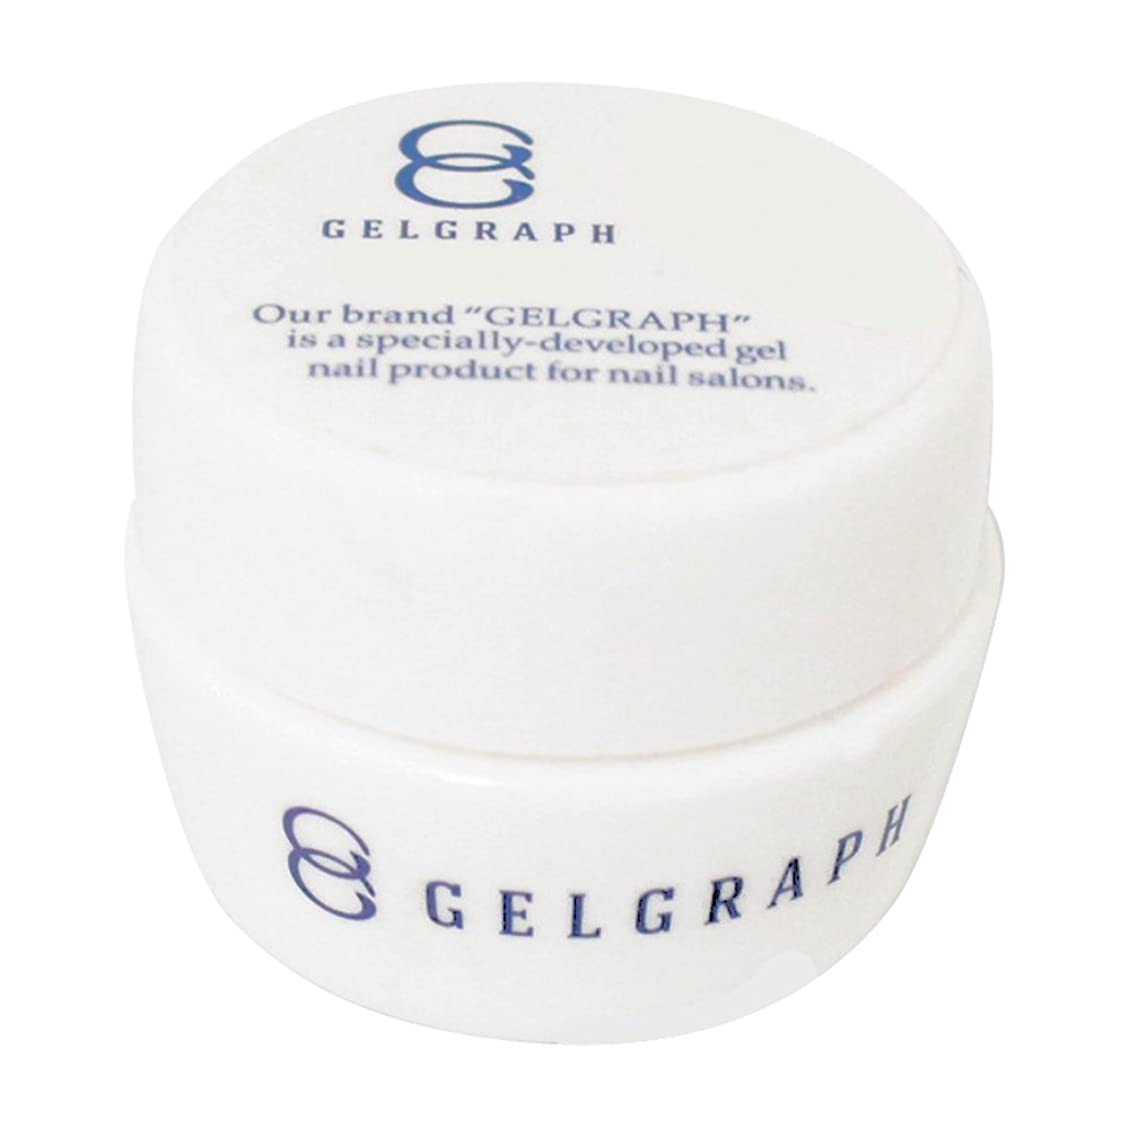 GELGRAPH カラージェル 117M グレイグース 5g UV/LED対応 ソークオフジェル